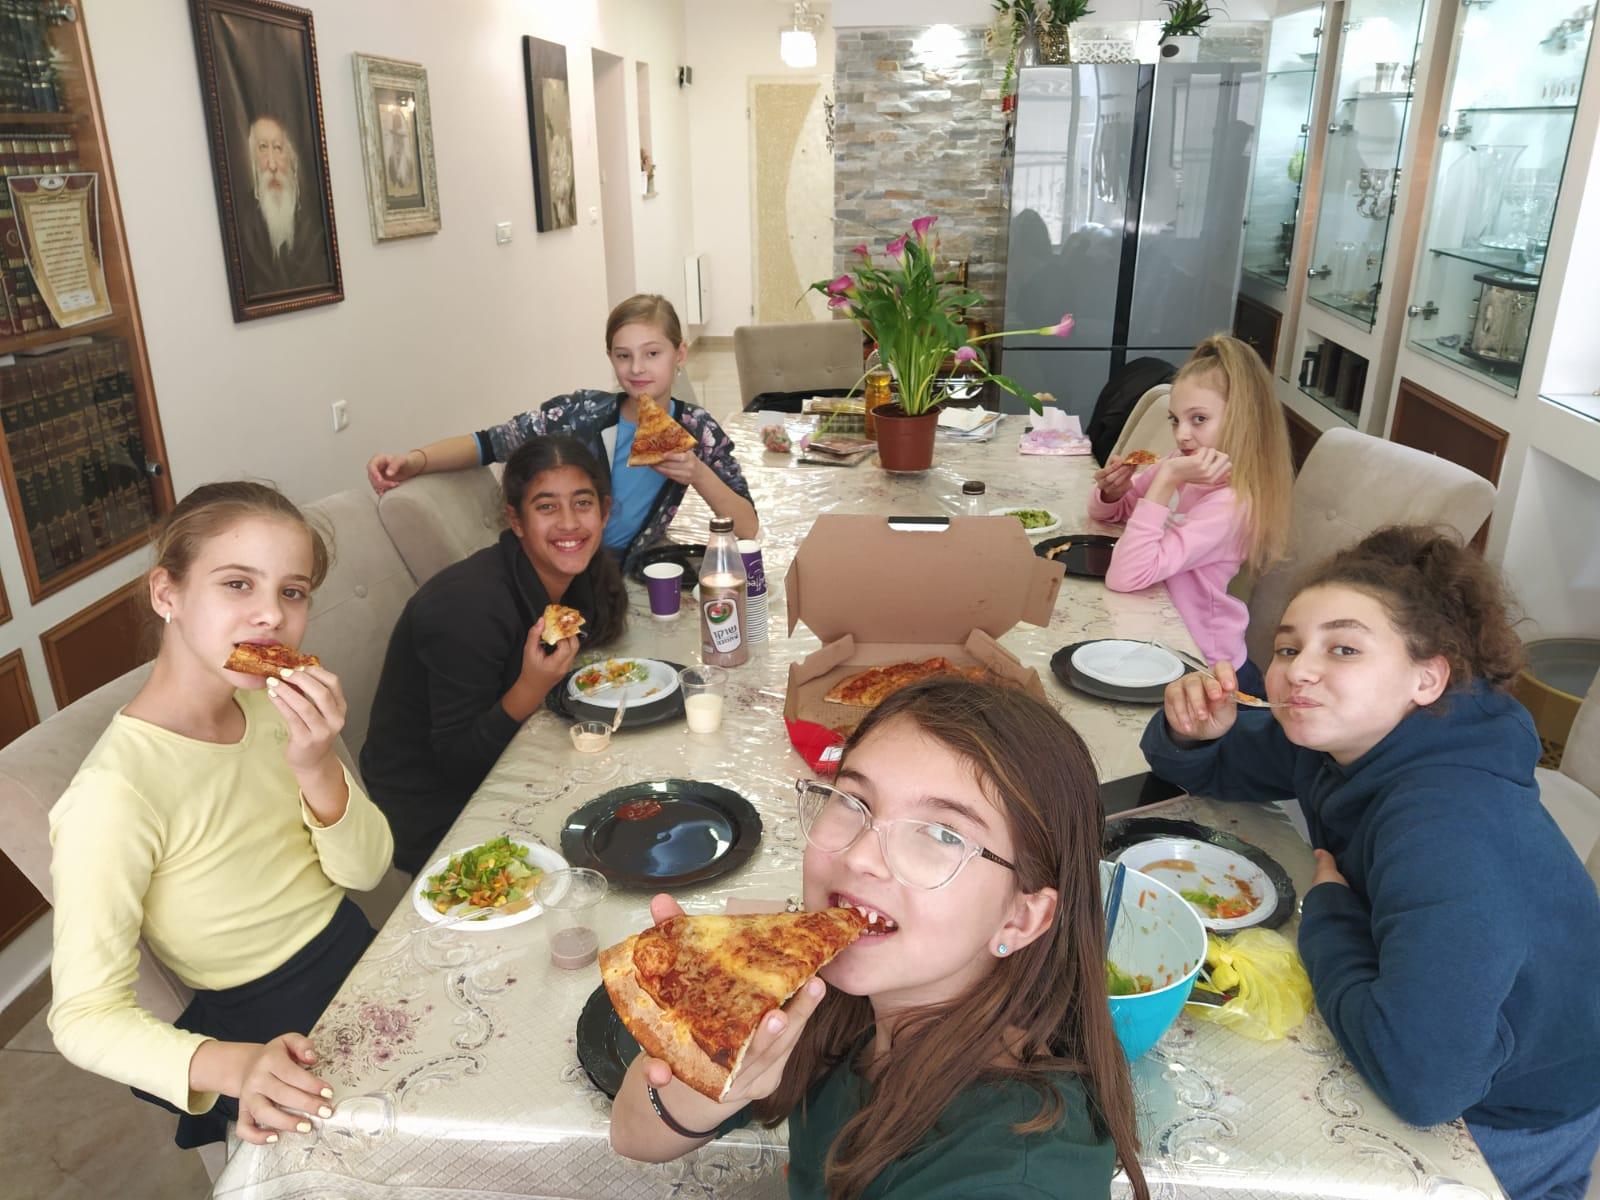 כיתה 'ו'2 חגגה מסיבת חנוכה בביתה של המורה שושי .